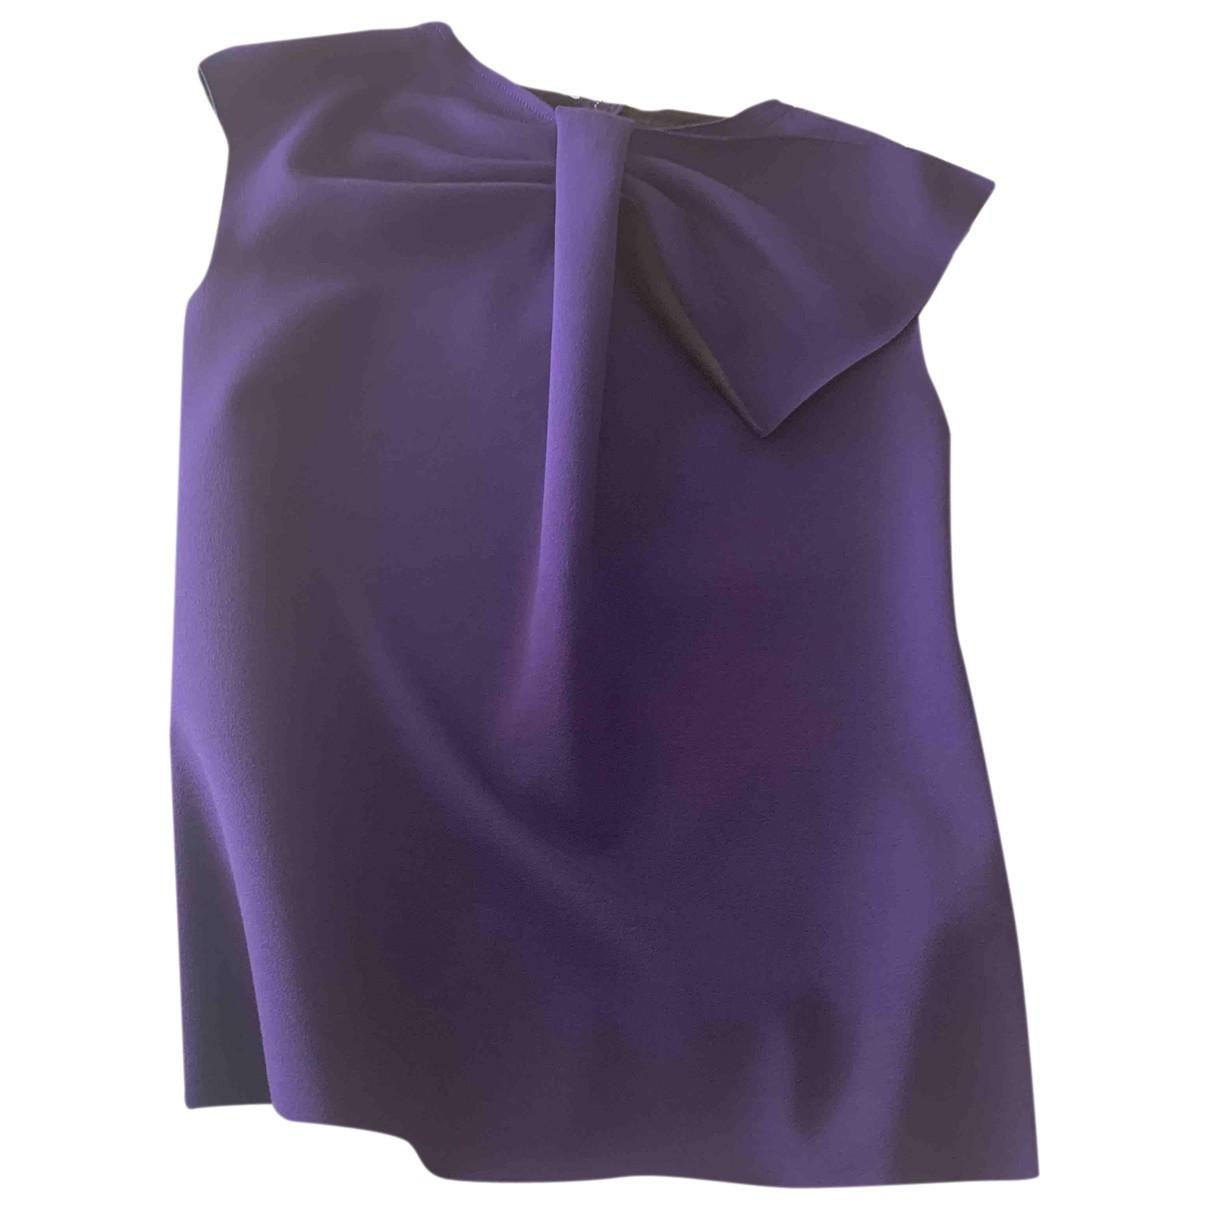 Emporio Armani - Top   pour femme - violet